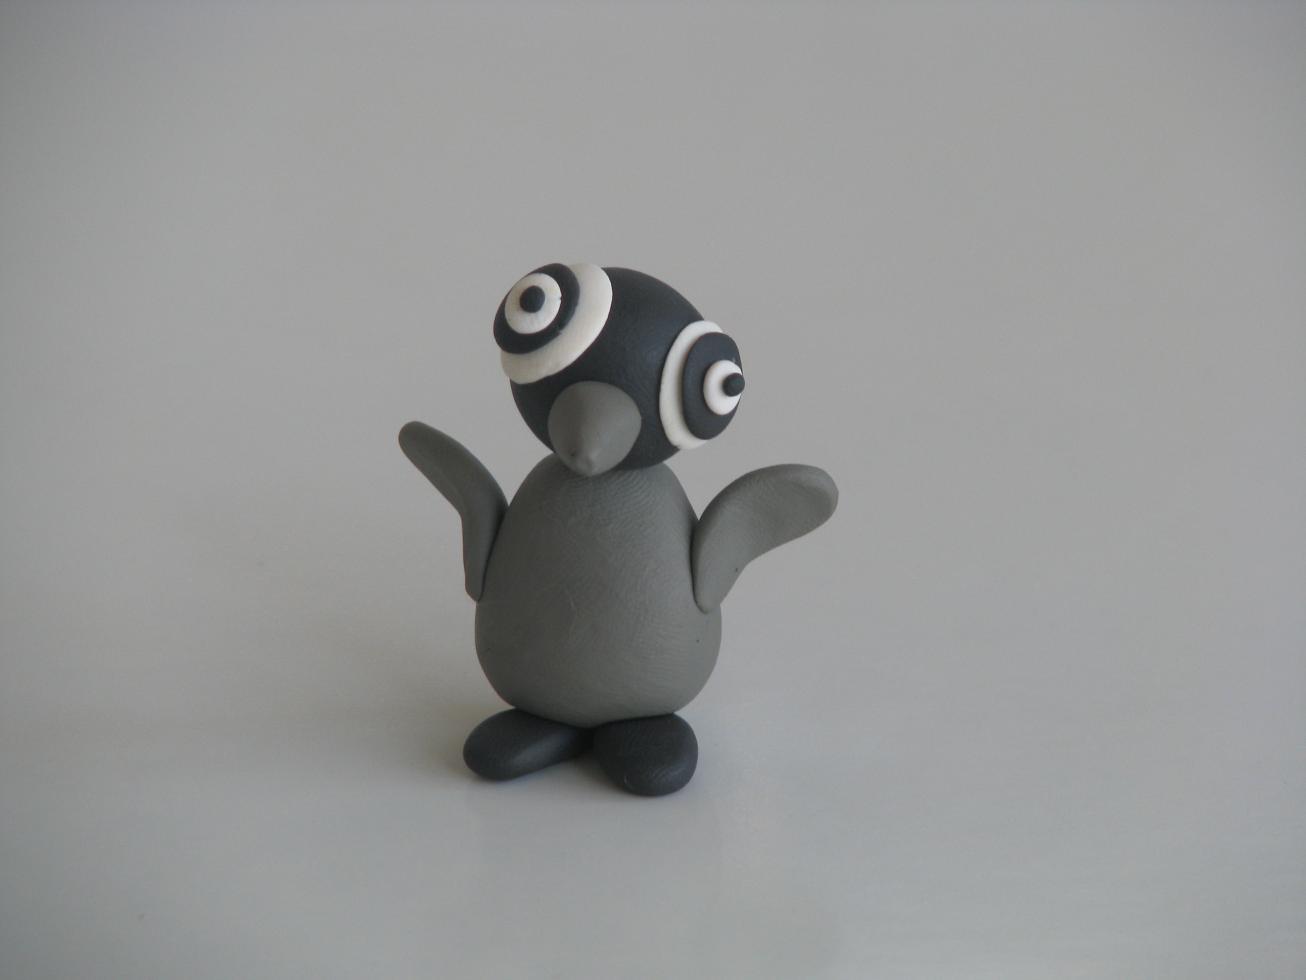 אפרוח פינגווין מפלסטלינה